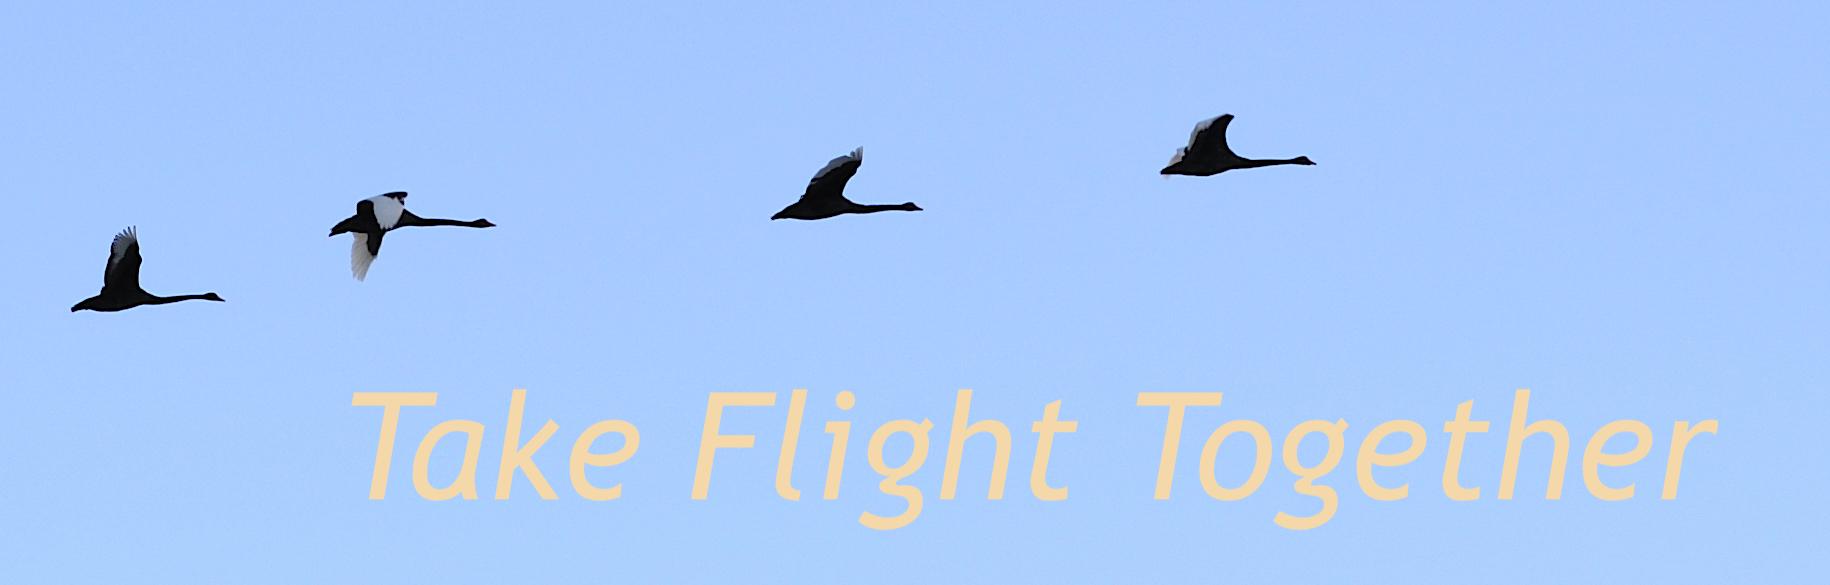 Take Flight Together - swans flying image